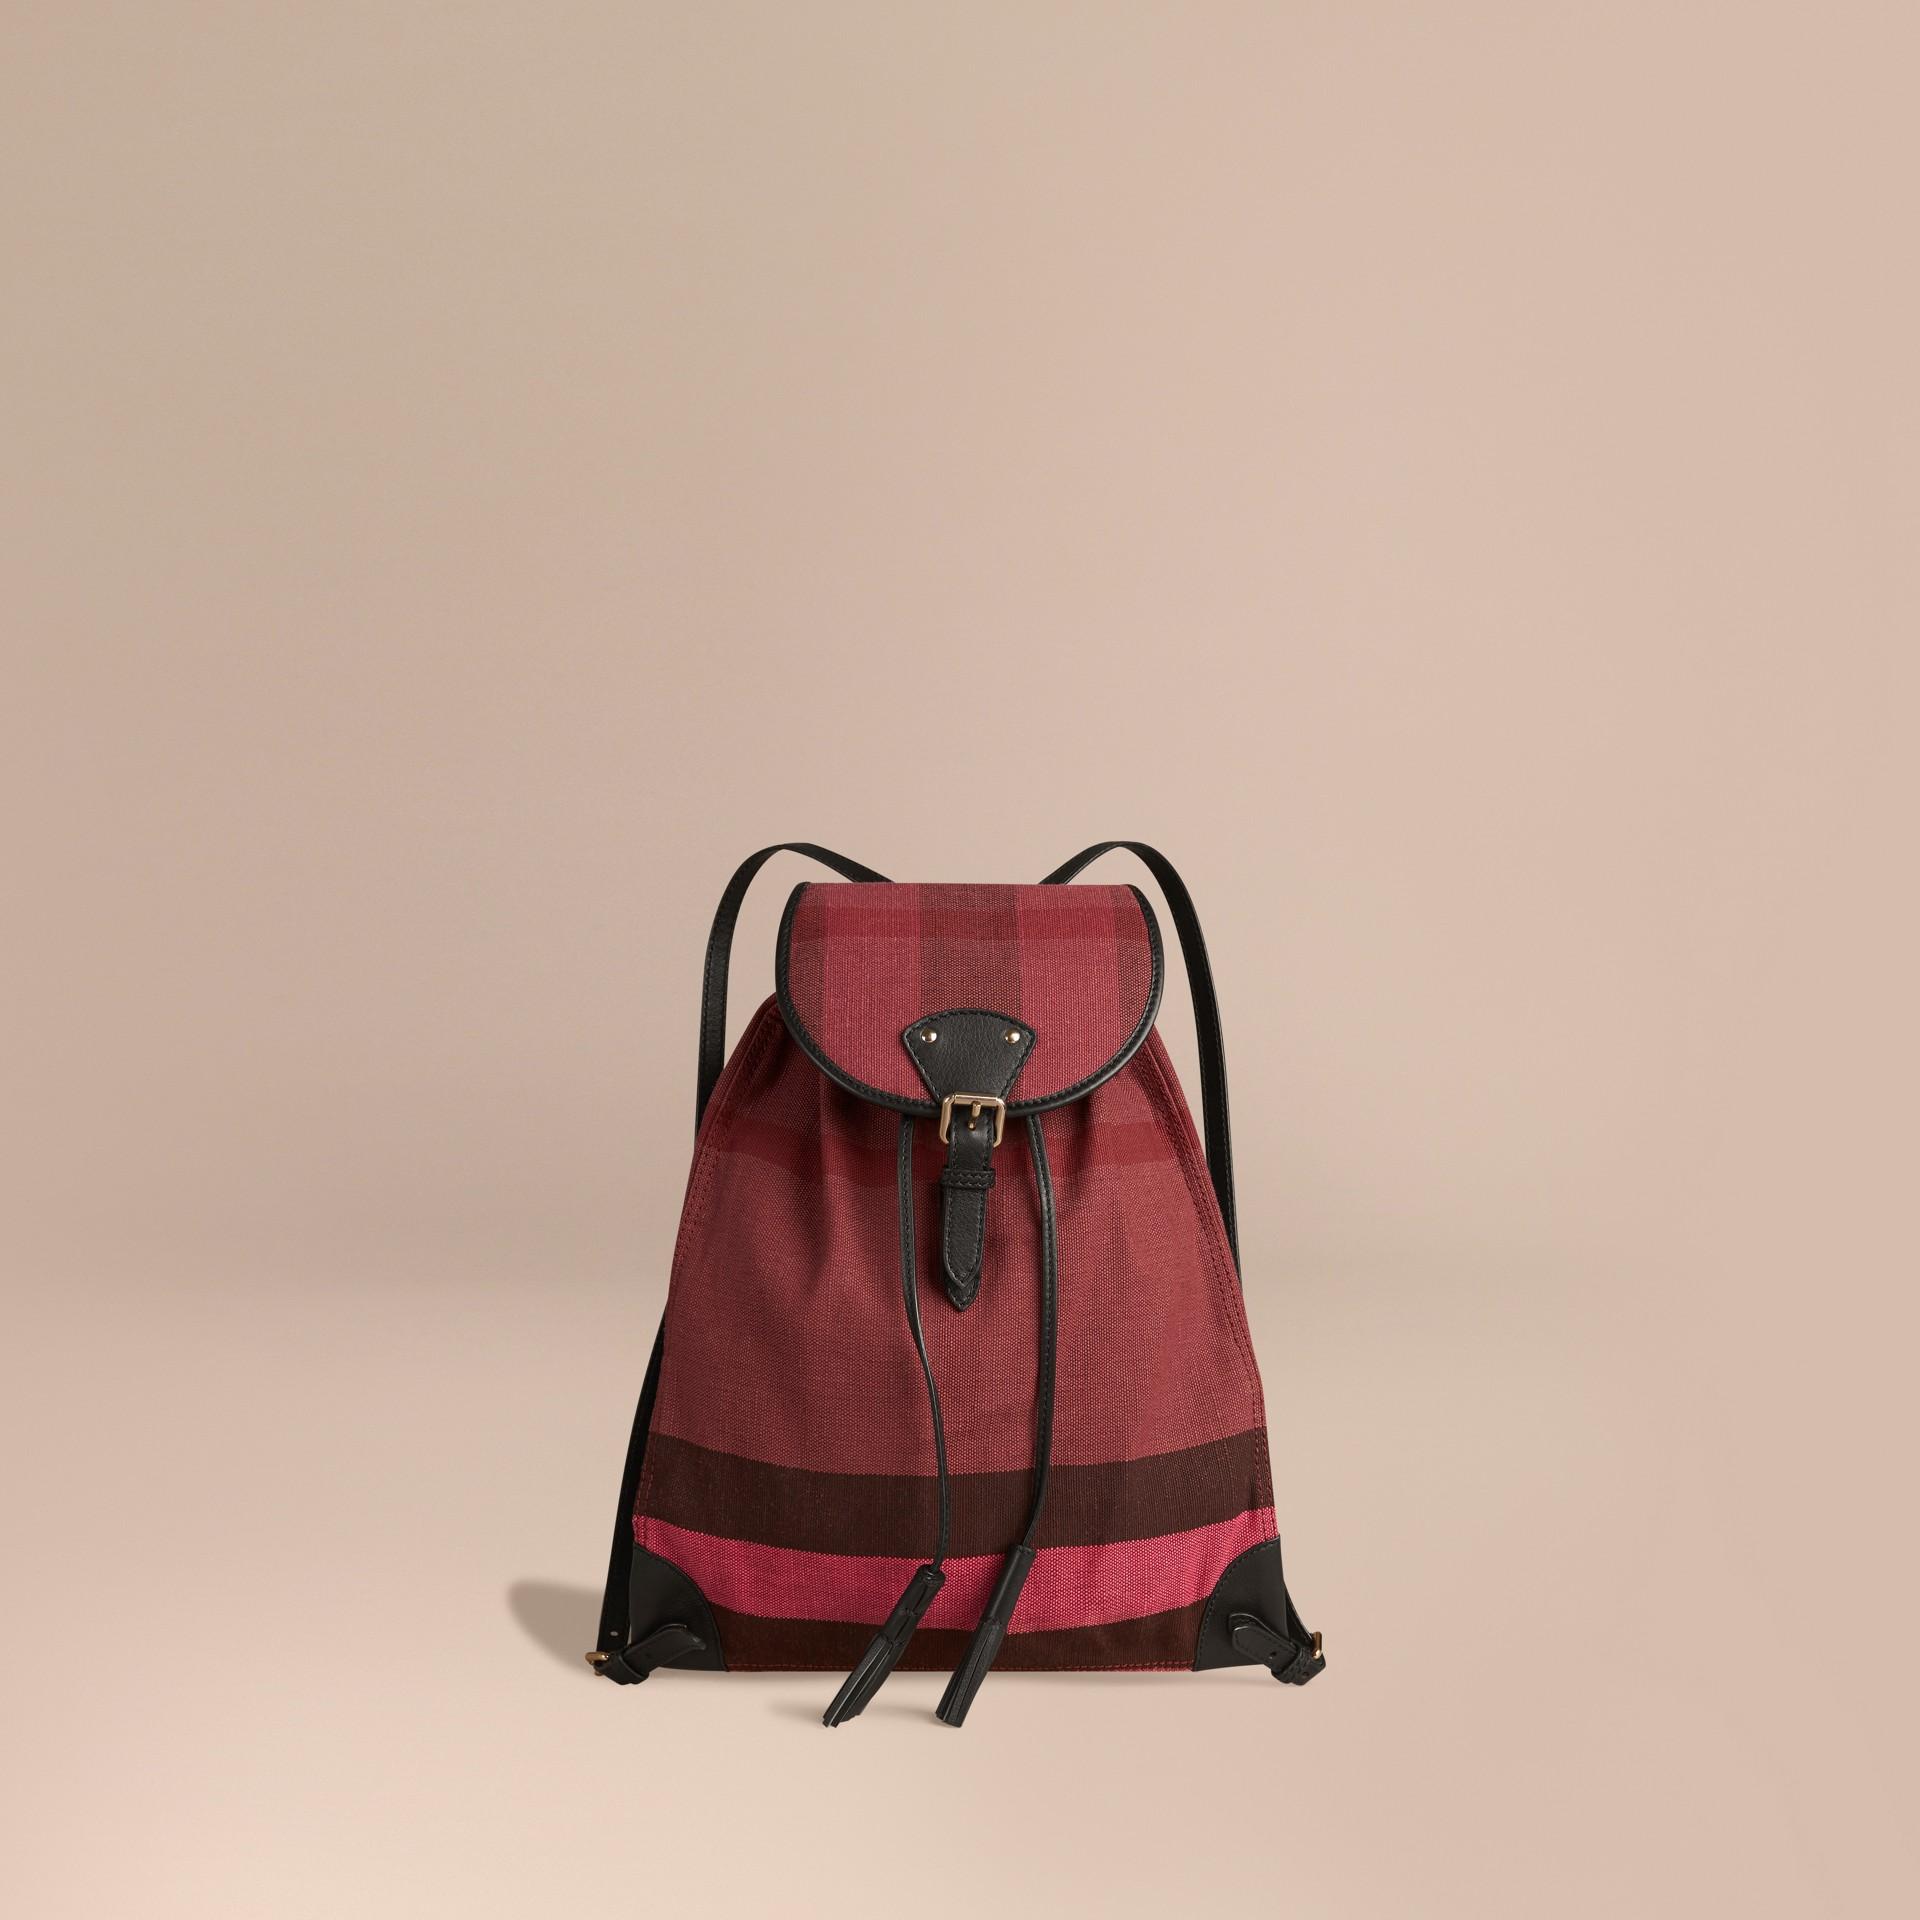 Pflaumenfarben Rucksack mit überfärbtem Canvas Check-Muster Pflaumenfarben - Galerie-Bild 1